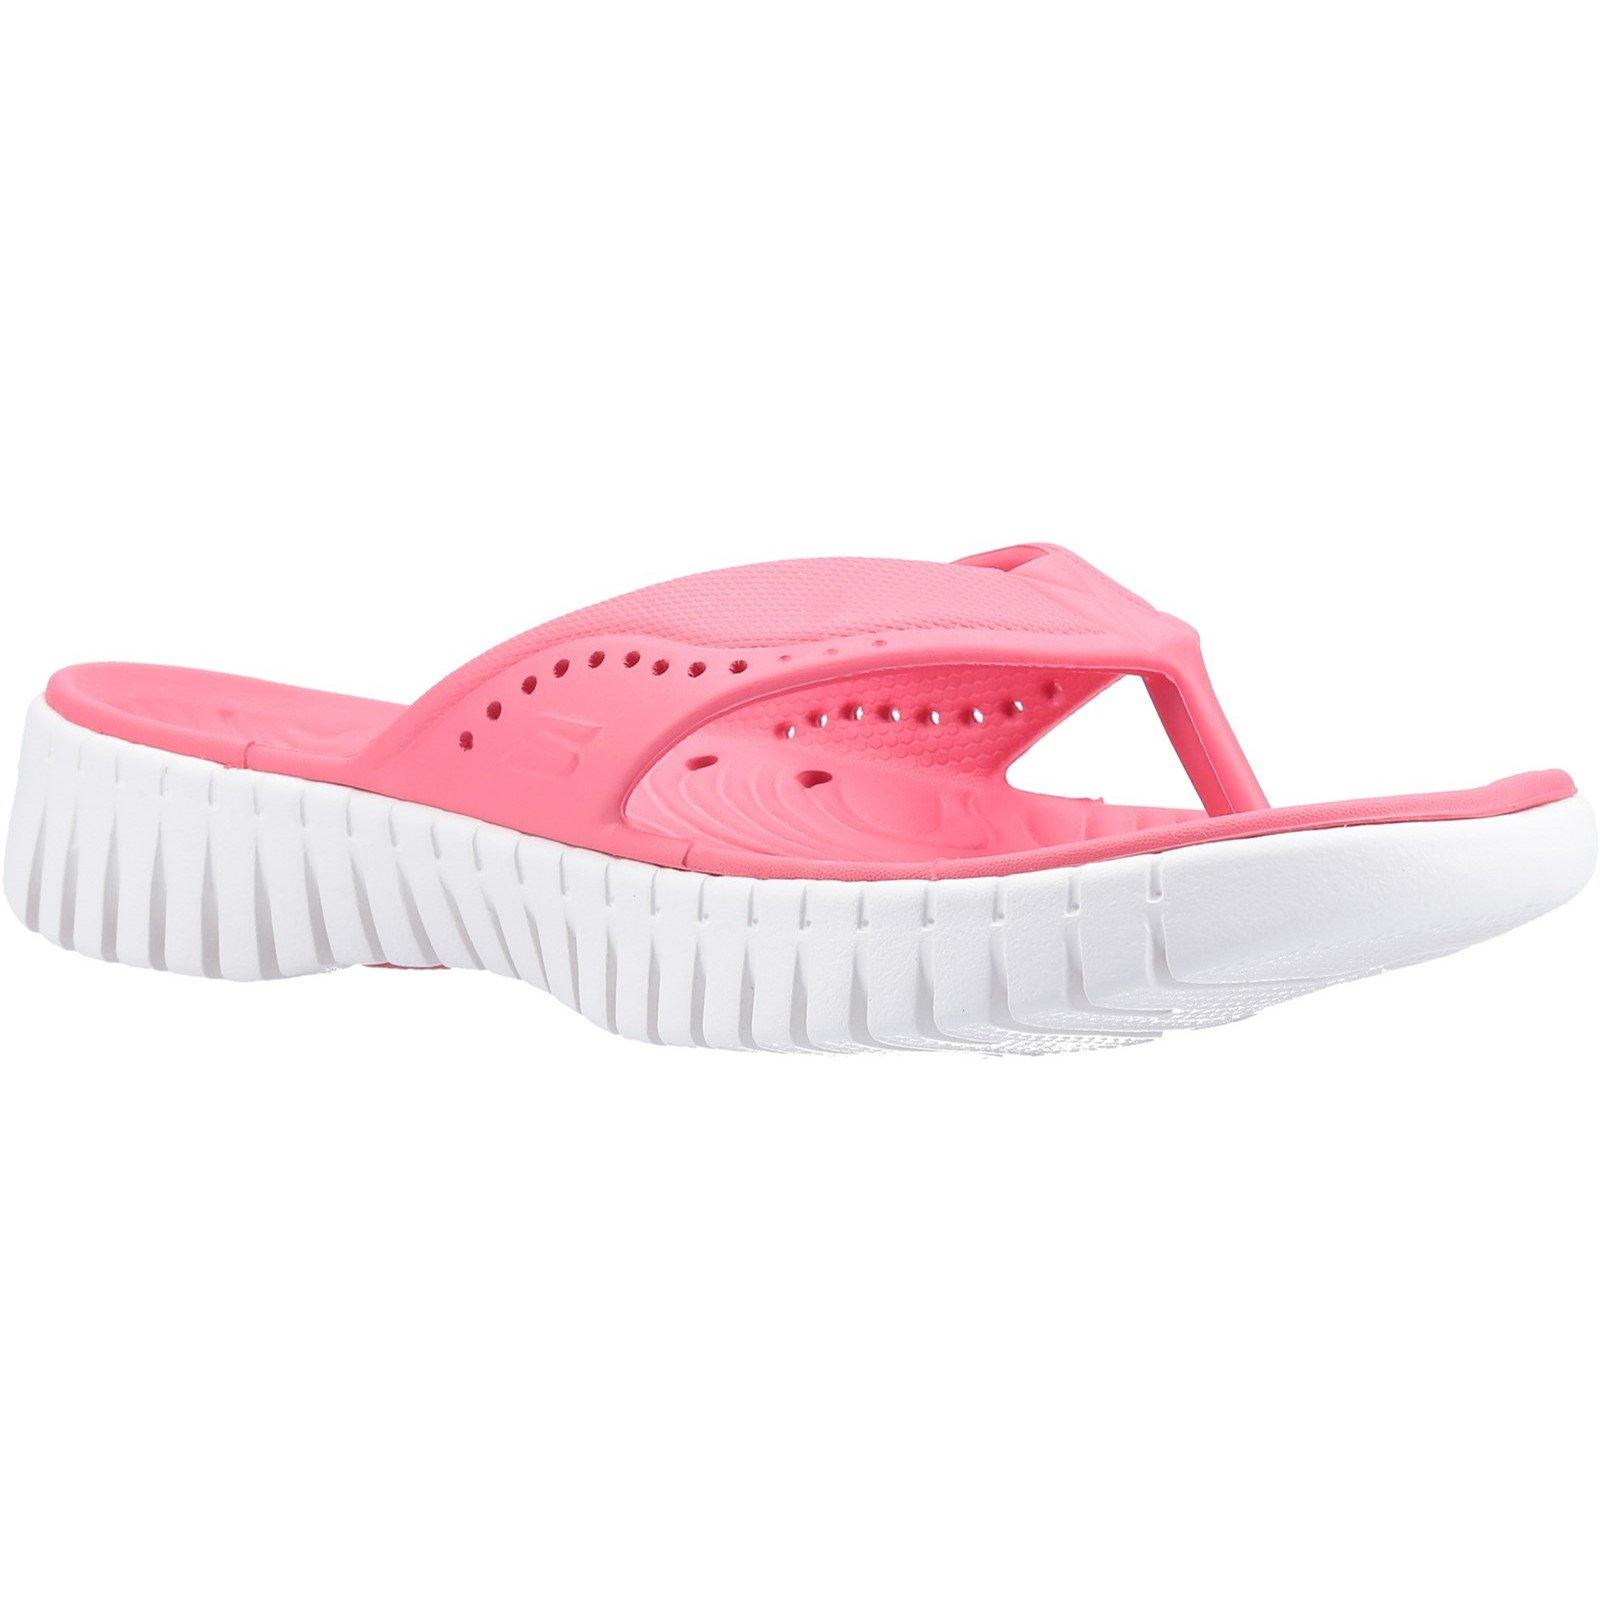 Skechers Women's GOwalk Smart Mahalo Sandal Various Colours 32371 - Coral 6